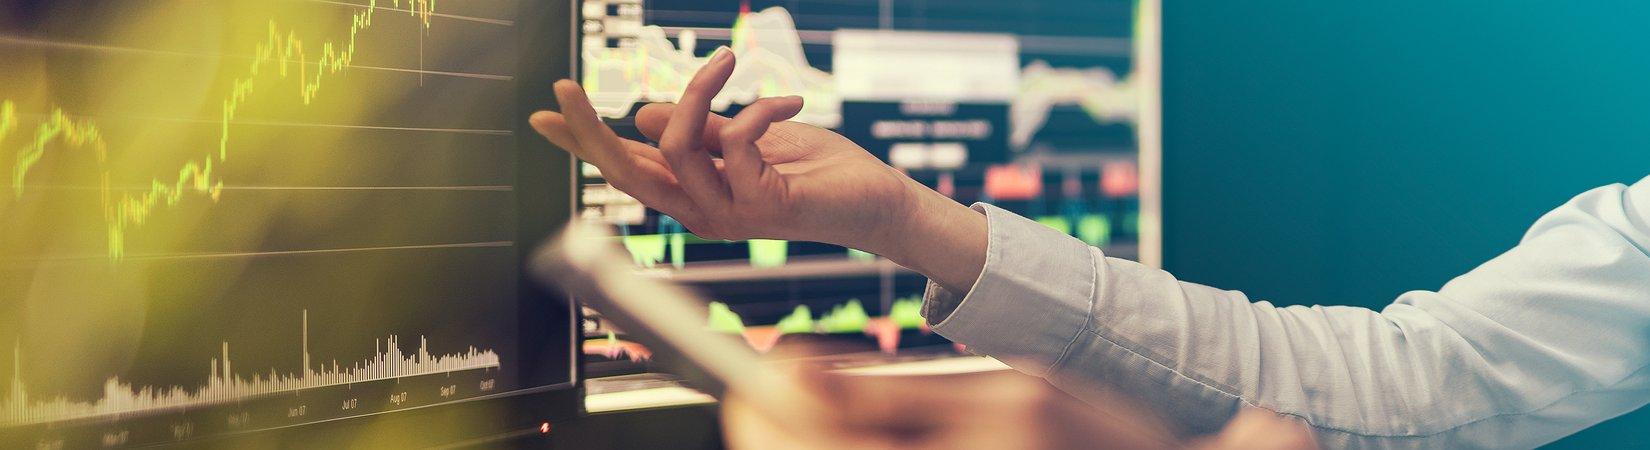 ¿Qué son y para qué sirven los índices bursátiles?